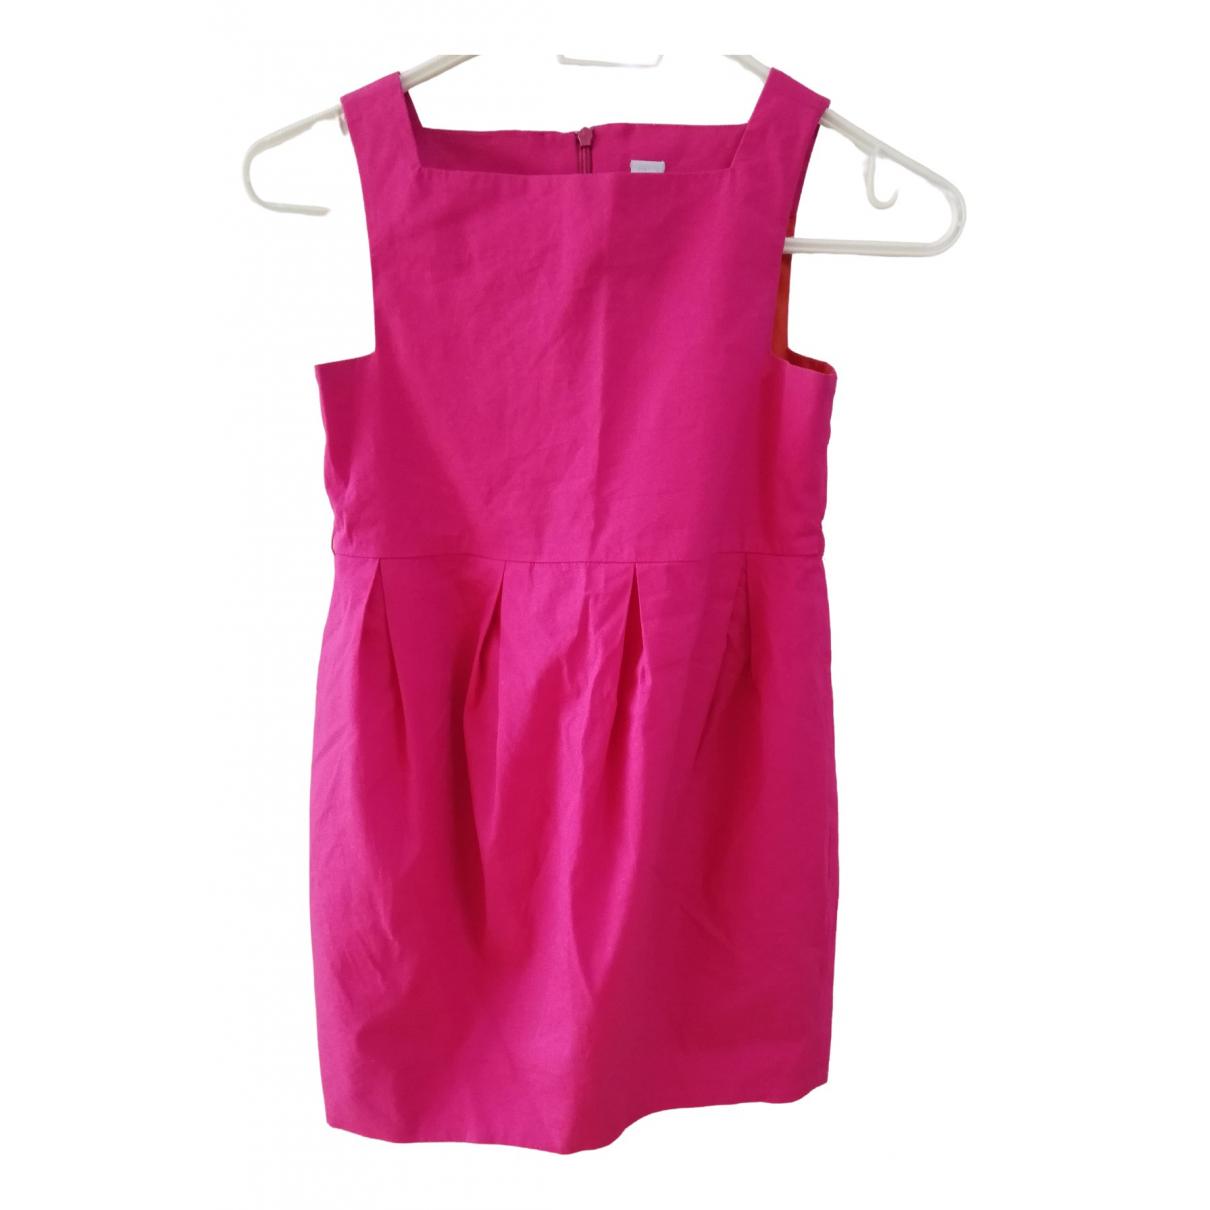 Zara \N Kleid in  Rosa Baumwolle - Elasthan